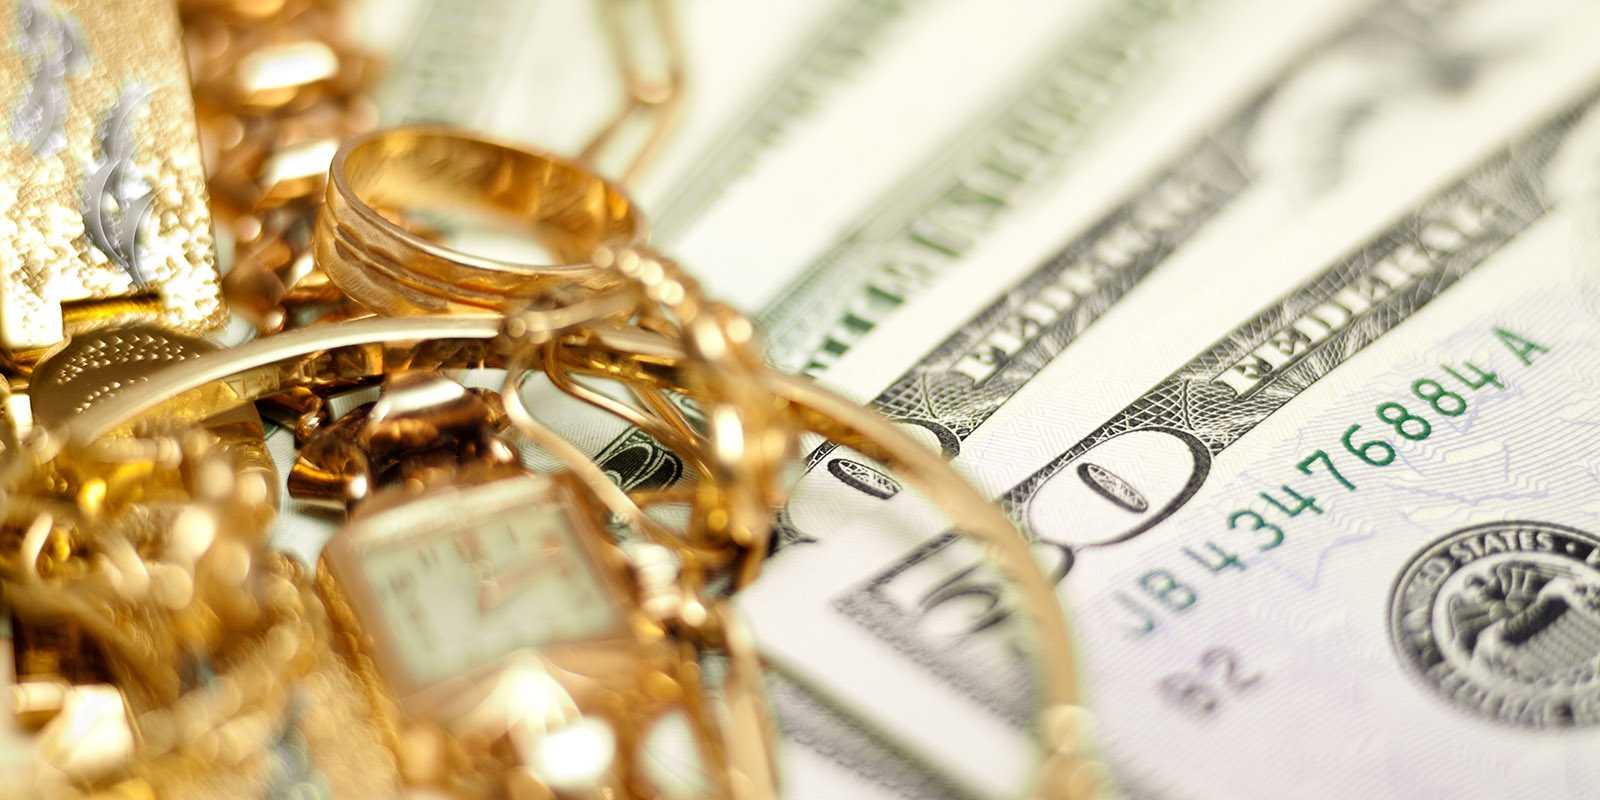 Yükselen Altın Fiyatlarına Yönelik Uzmanlardan Açıklama Geldi